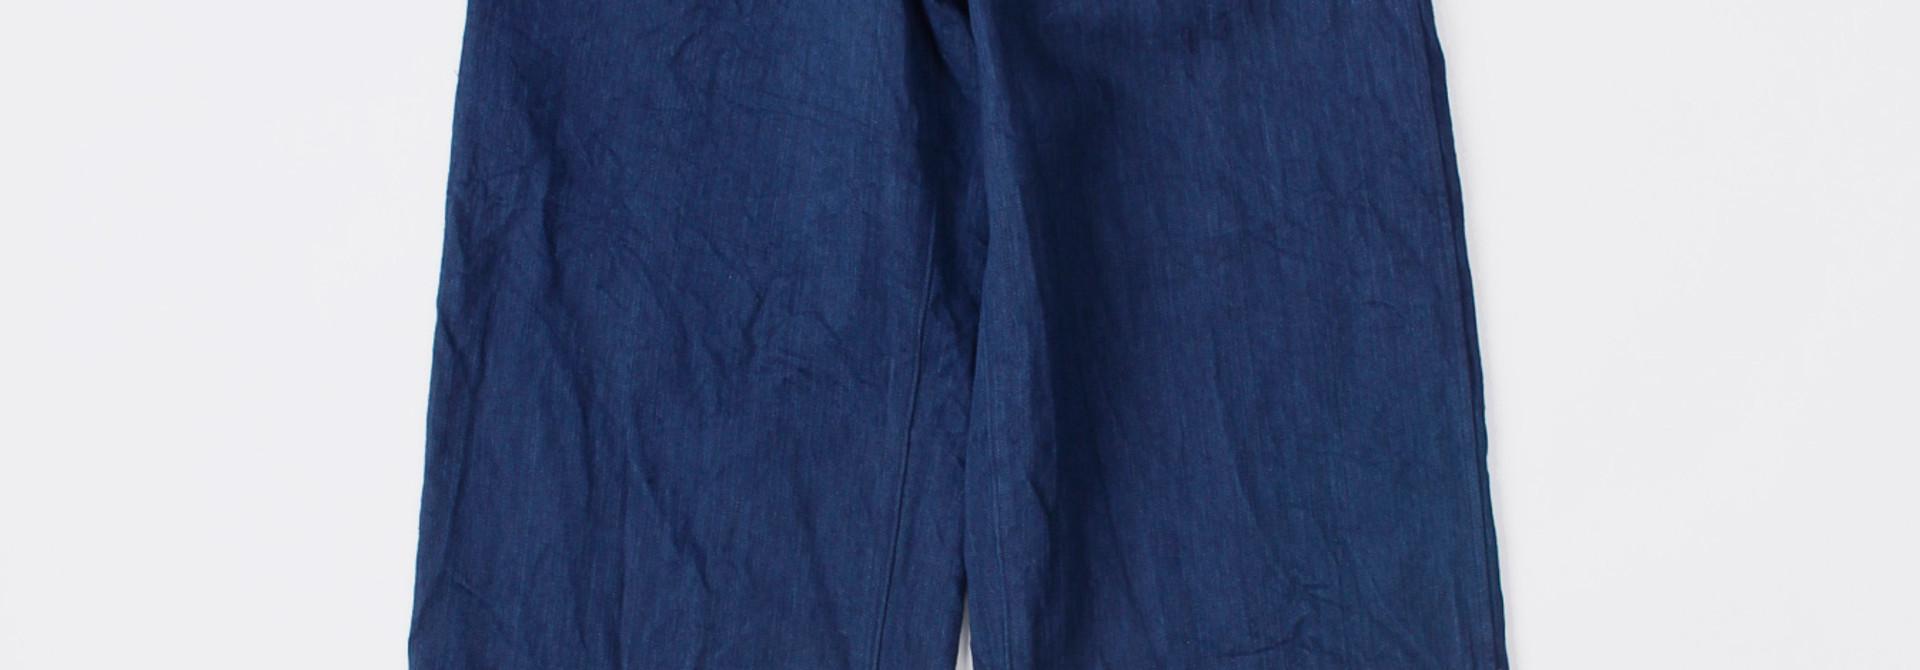 WH Indigo Linen Work3